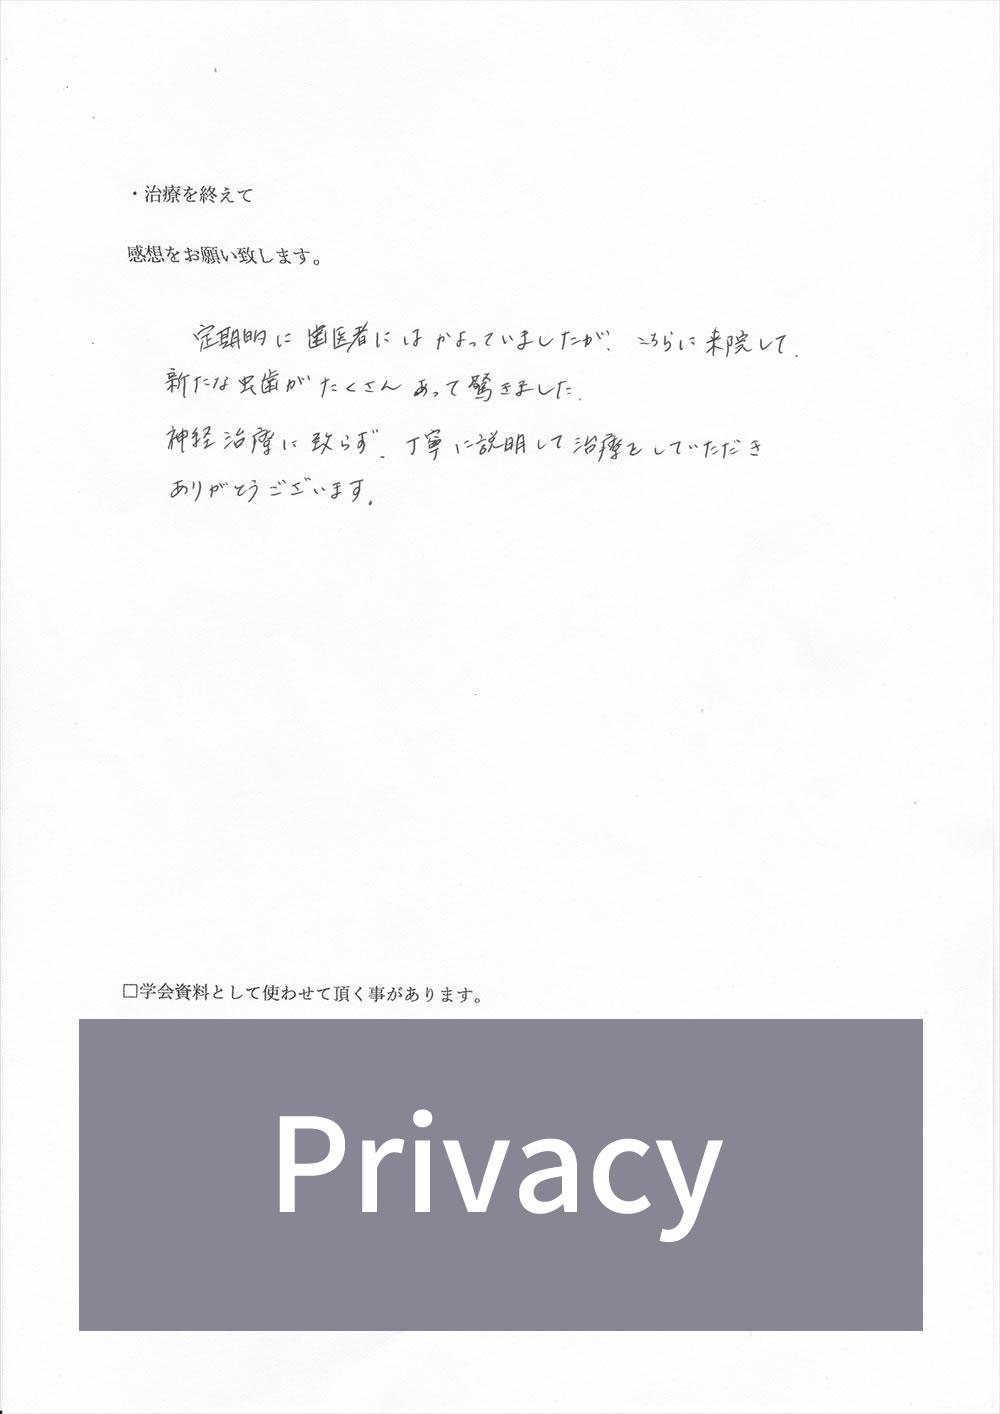 浦和もちまる歯科・矯正歯科の口コミ・評判アンケート3